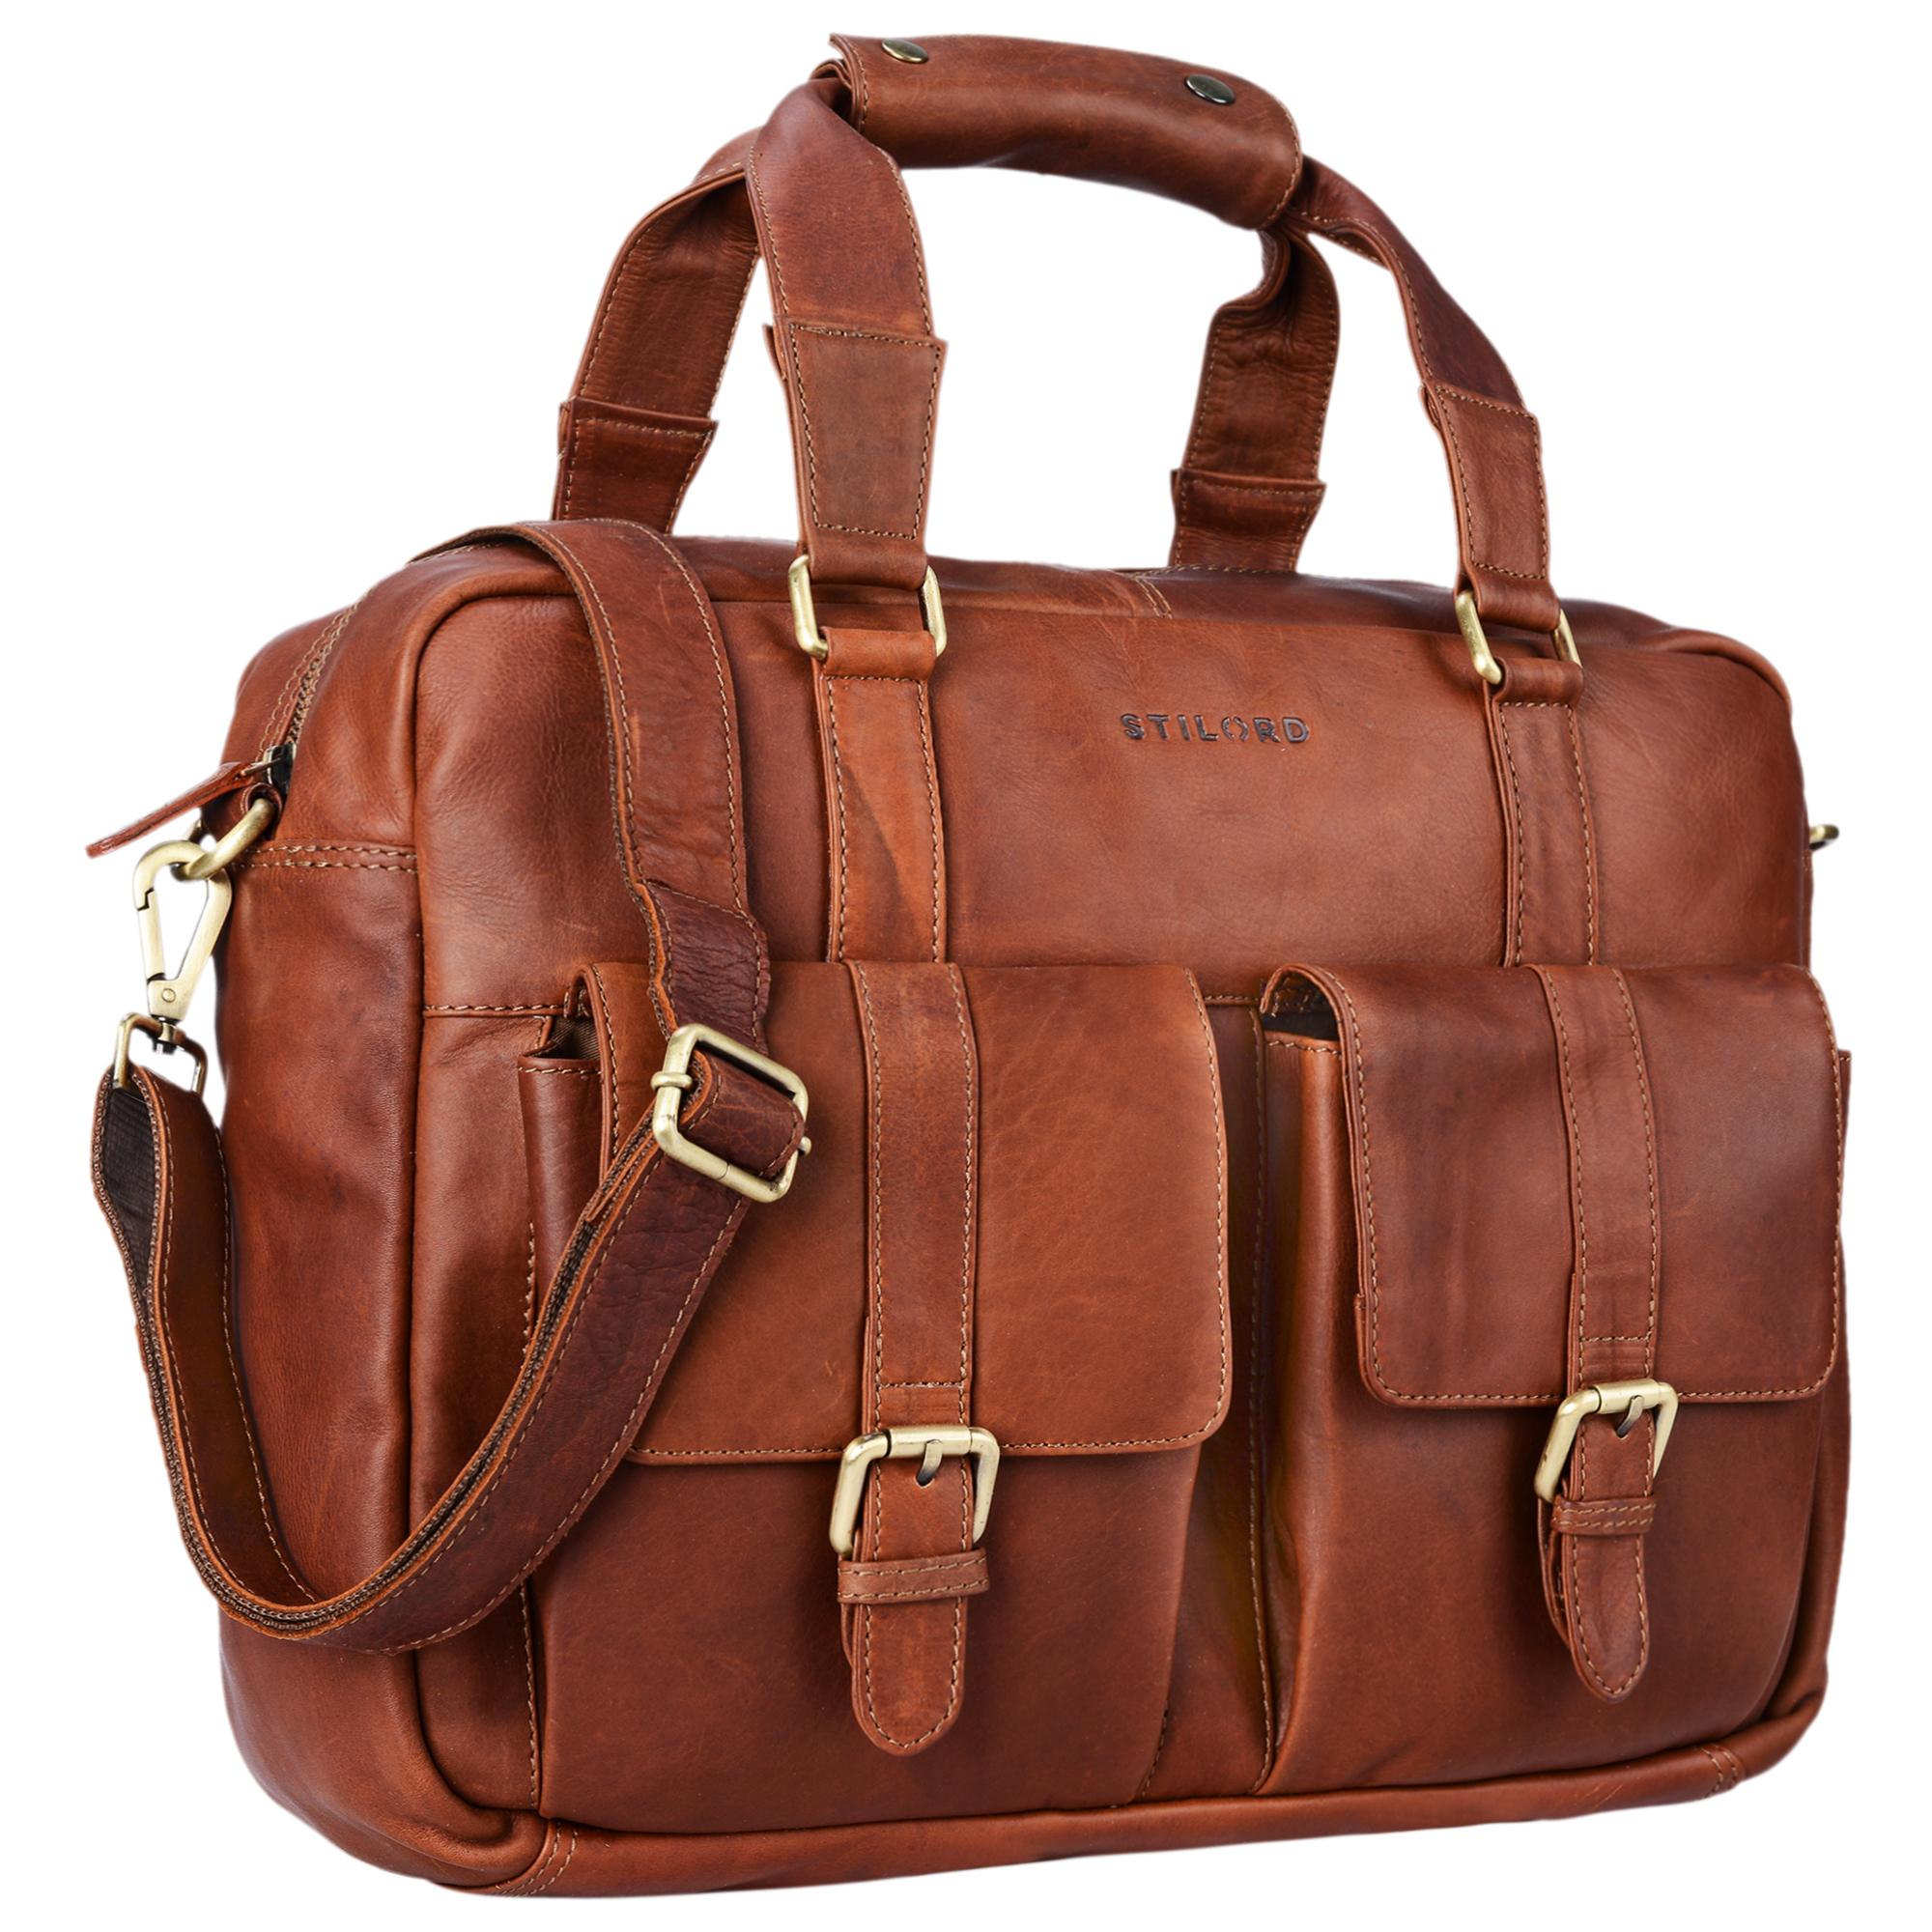 """STILORD """"Vitus"""" Ledertasche Männer Frauen braun tragbar als Vintage Umhängetasche große Handtasche mit 15.6 Zoll Laptopfach ideal als College Bag Bürotasche Aktentasche - Bild 8"""